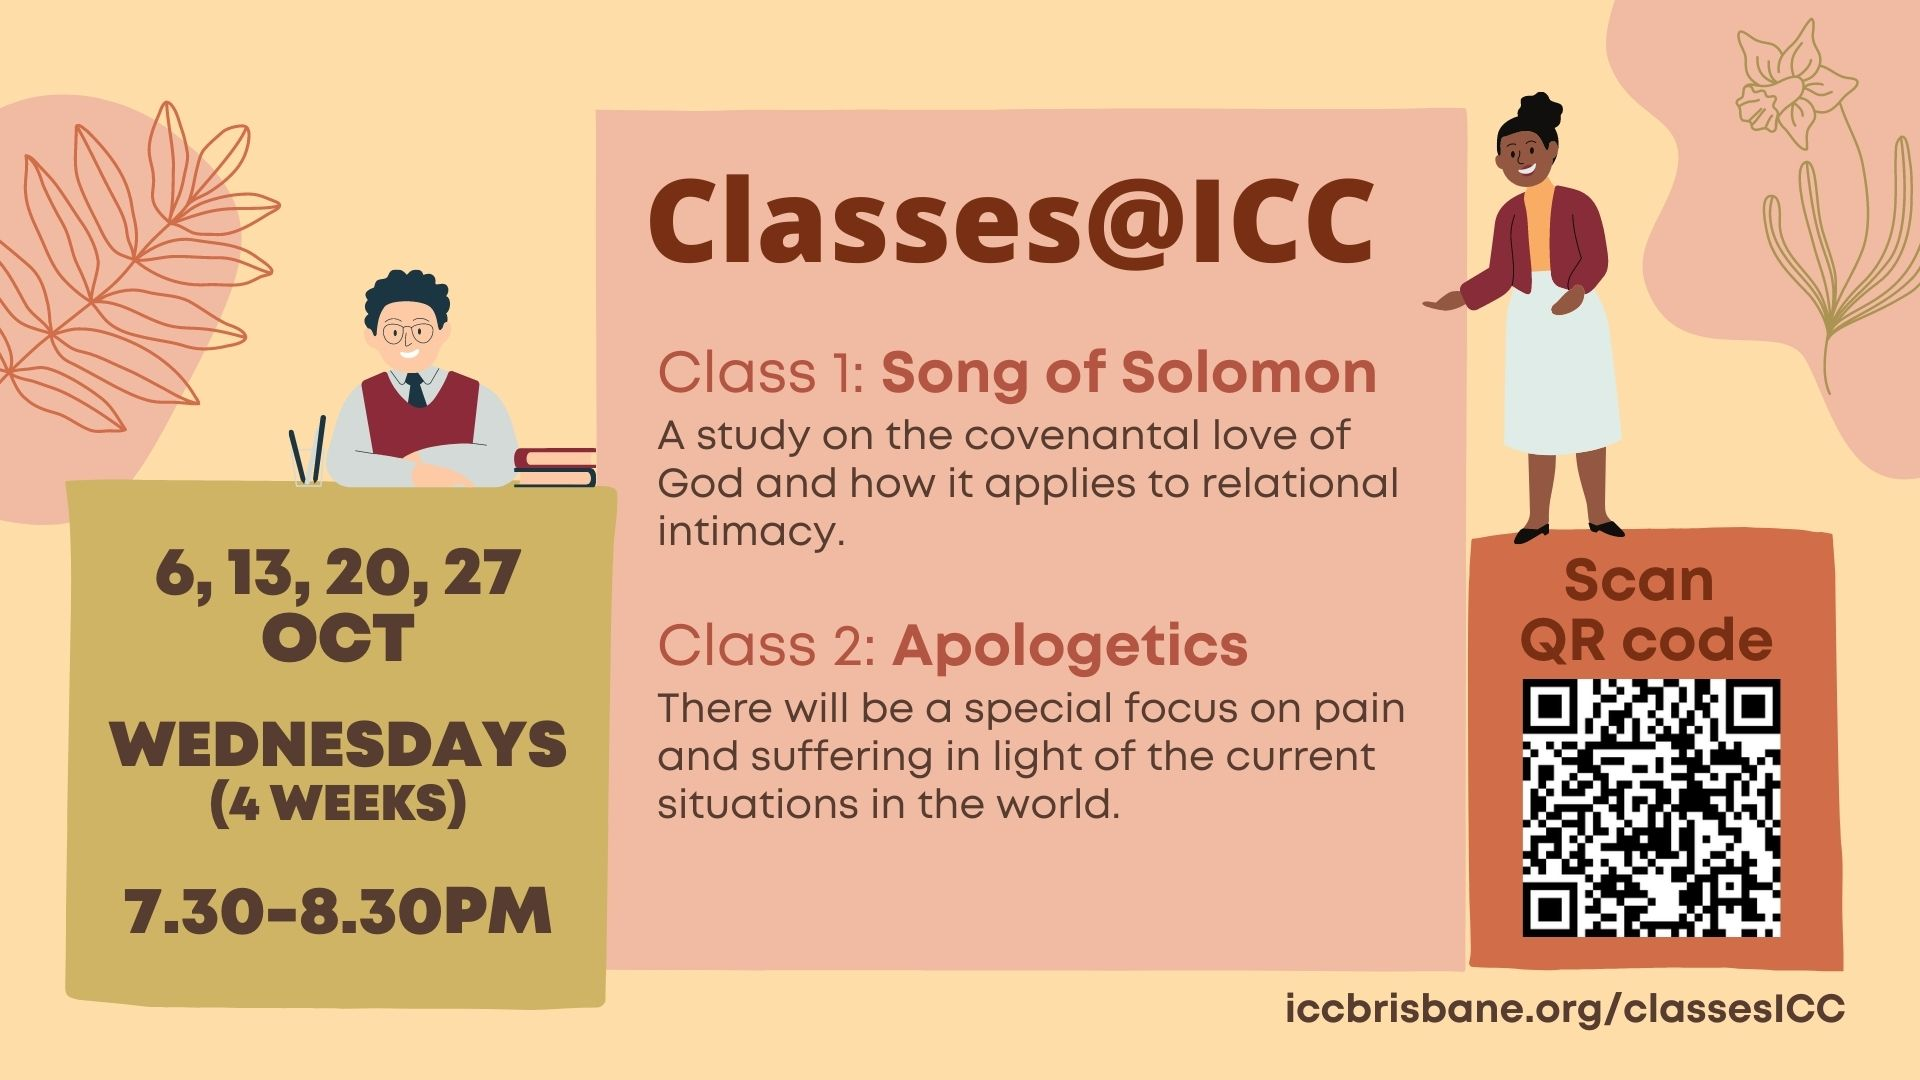 Classes@ICC